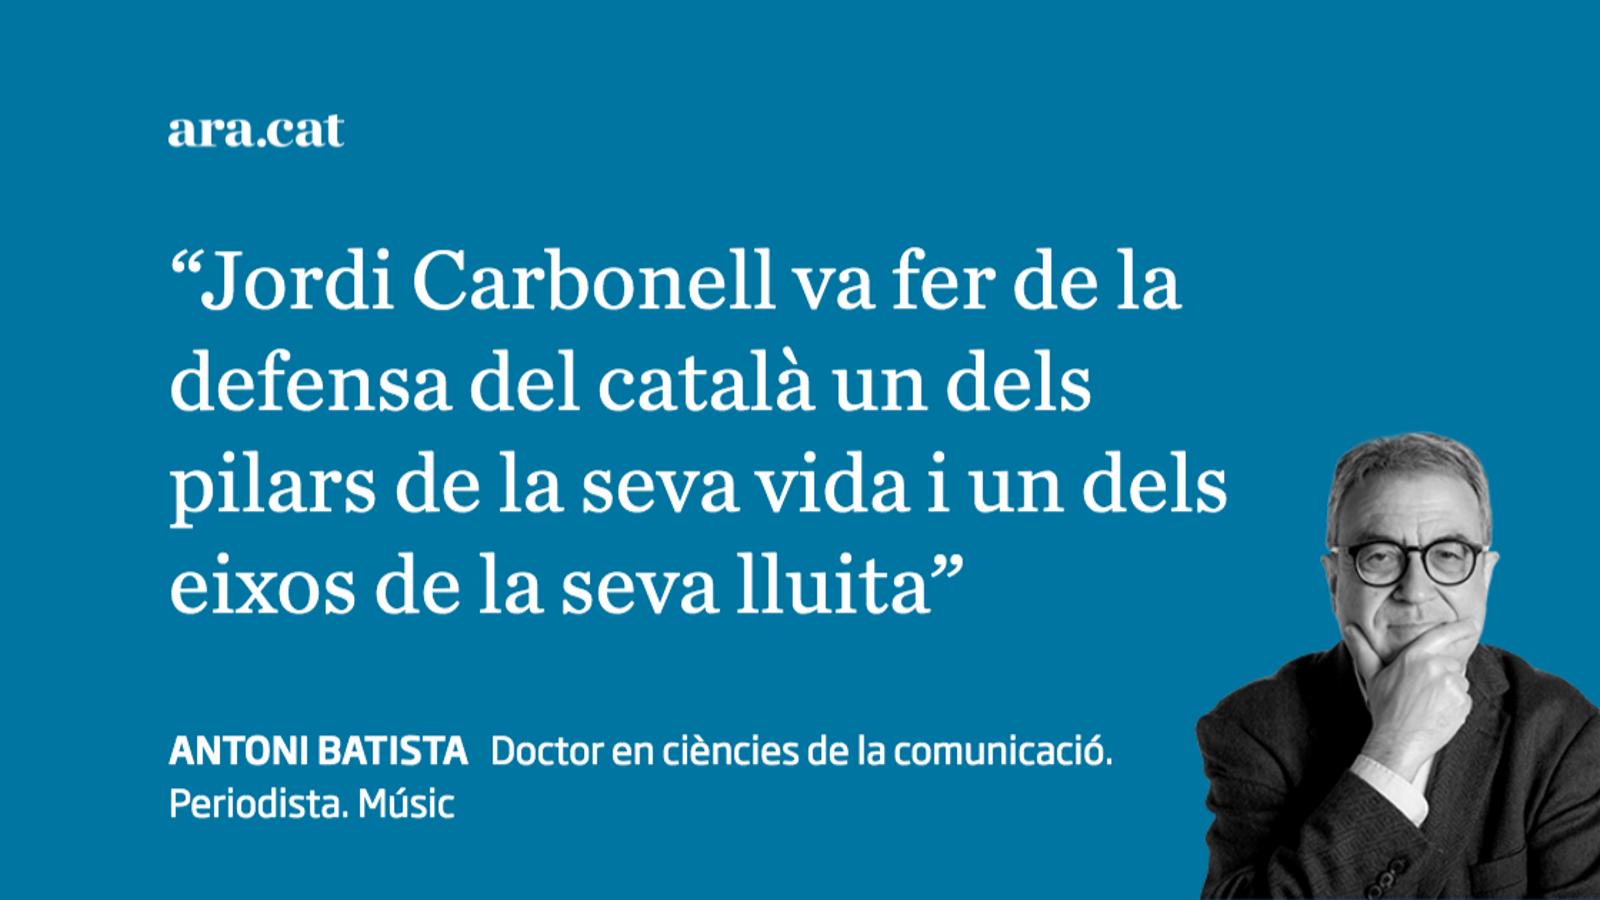 Les ulleres de Jordi Carbonell: tortura contra la llengua